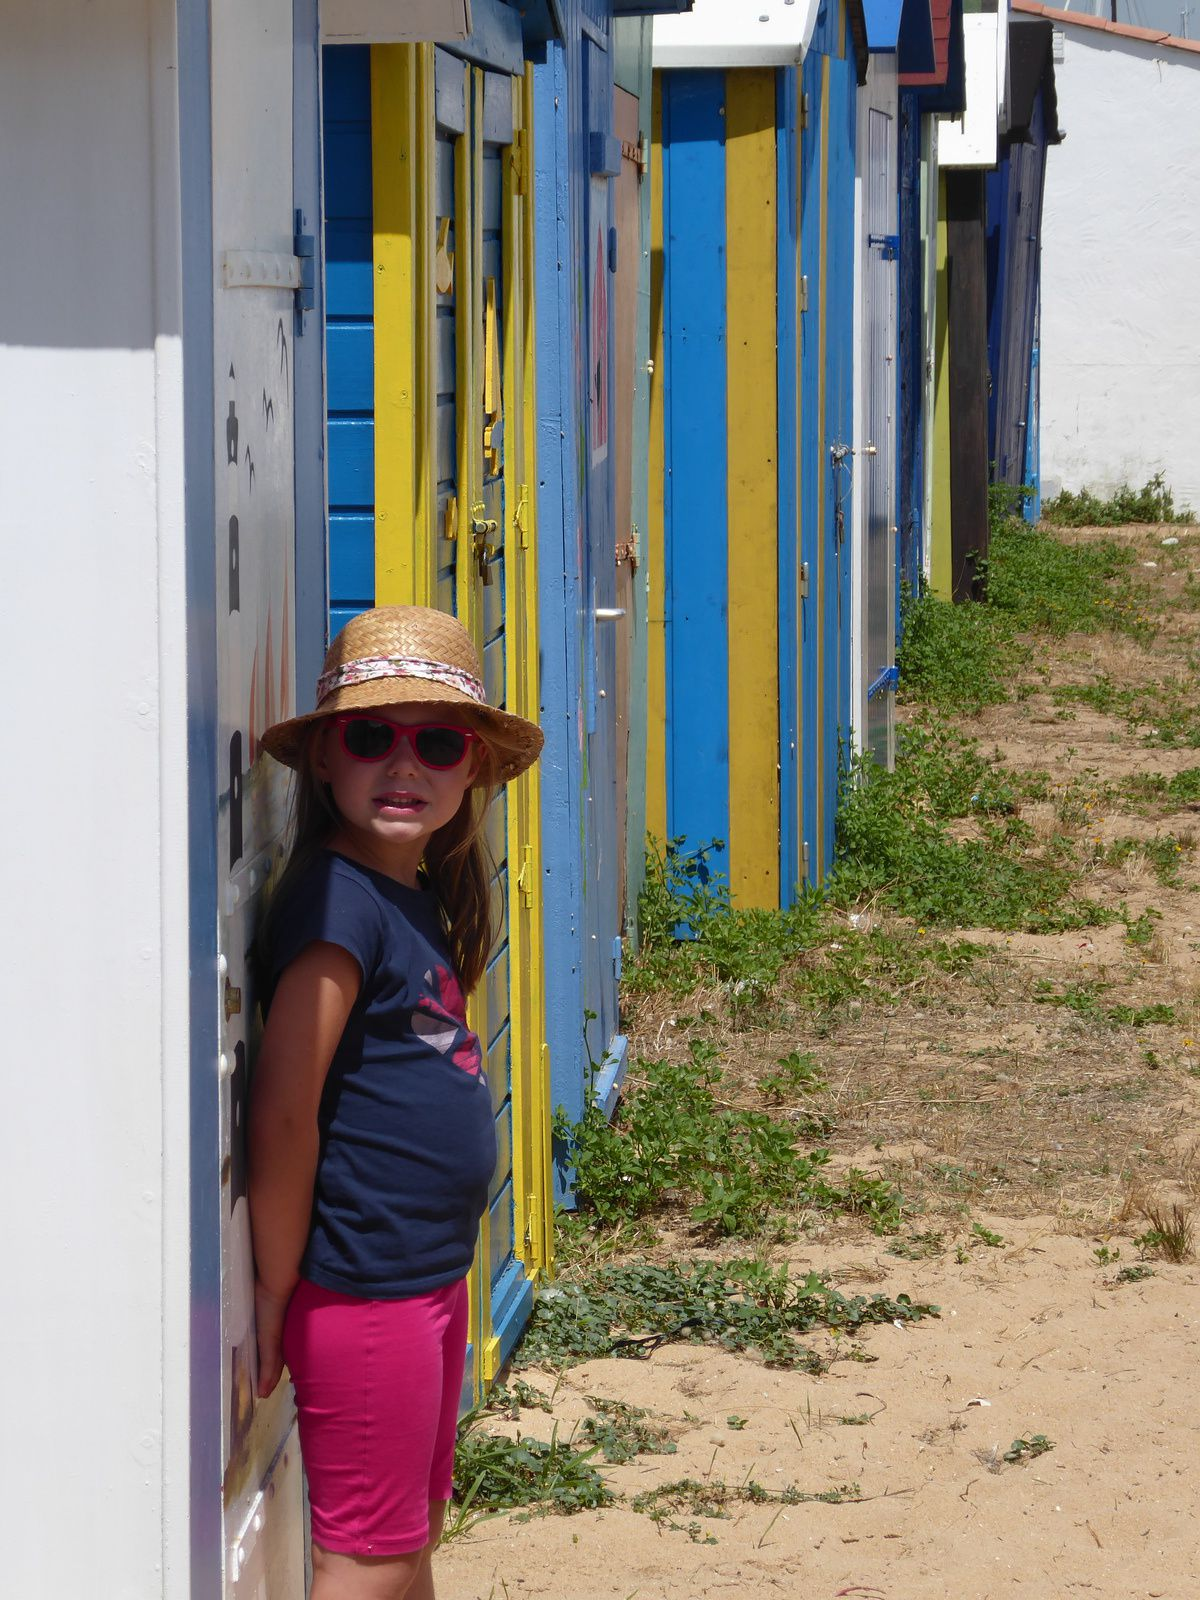 Les vacances sur l'île d'Oléron: les cabanes colorées de St Denis